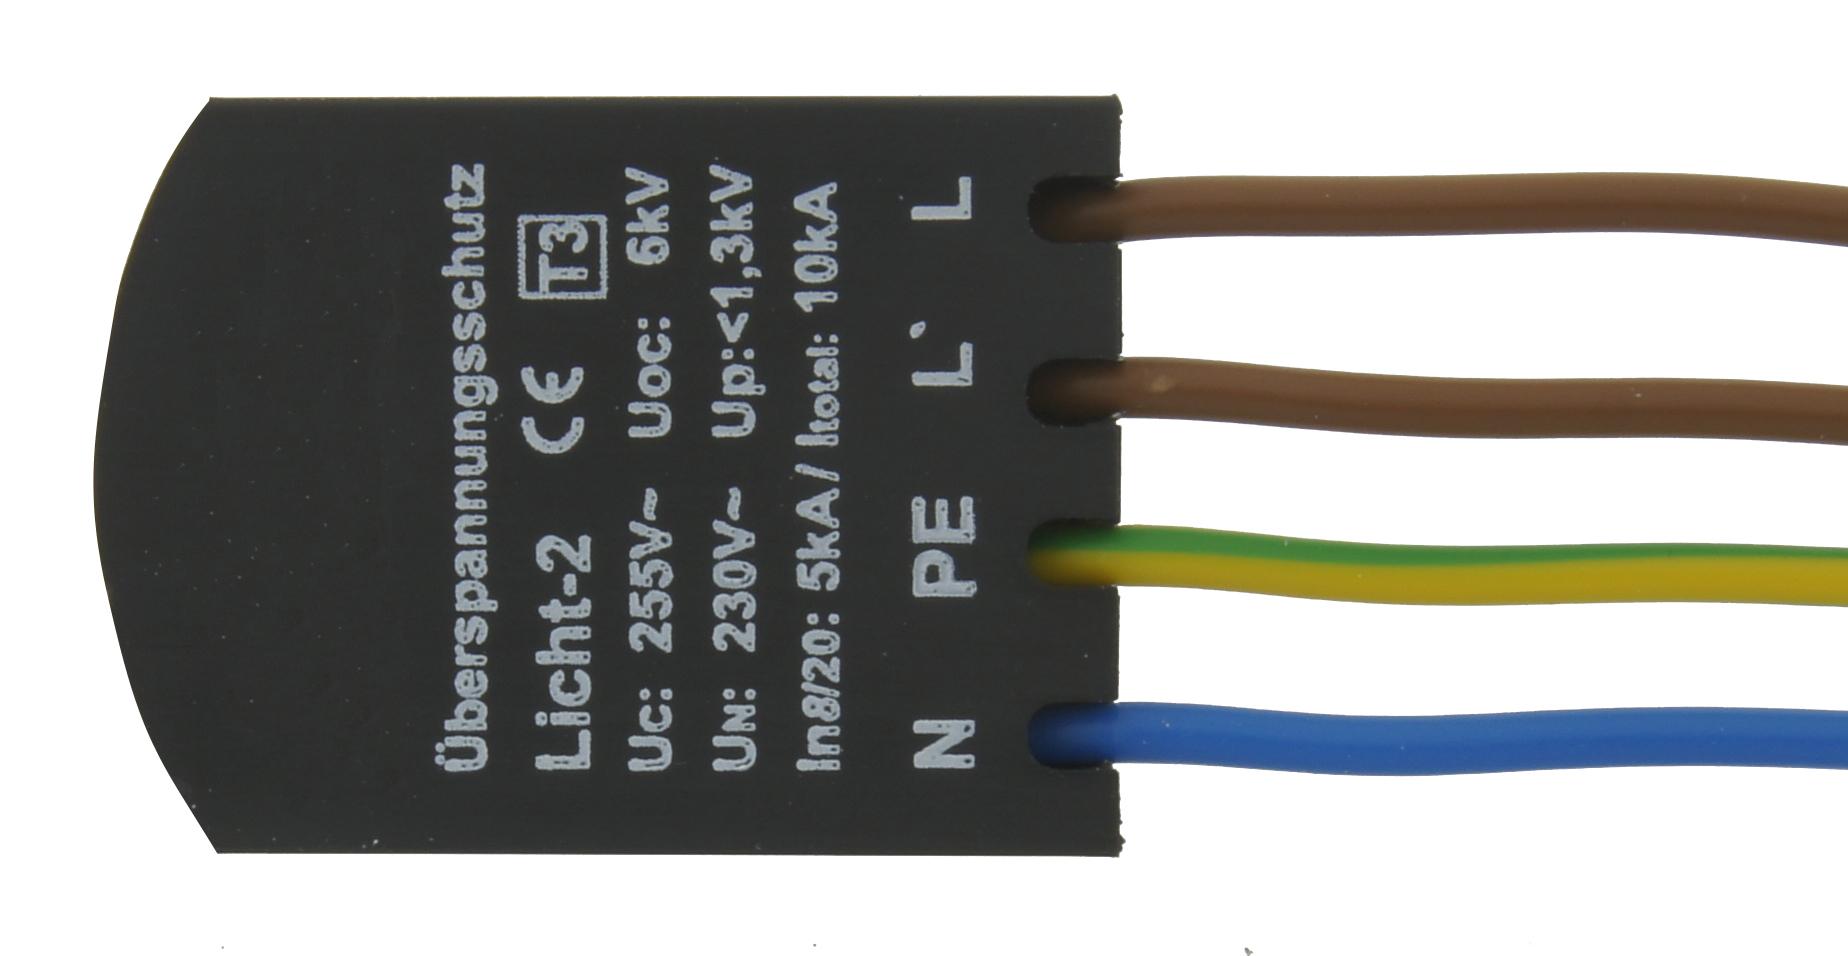 1 Stk Ãœberspannungsschutz 230V mit PE (Schutzleiter) LINZ230001